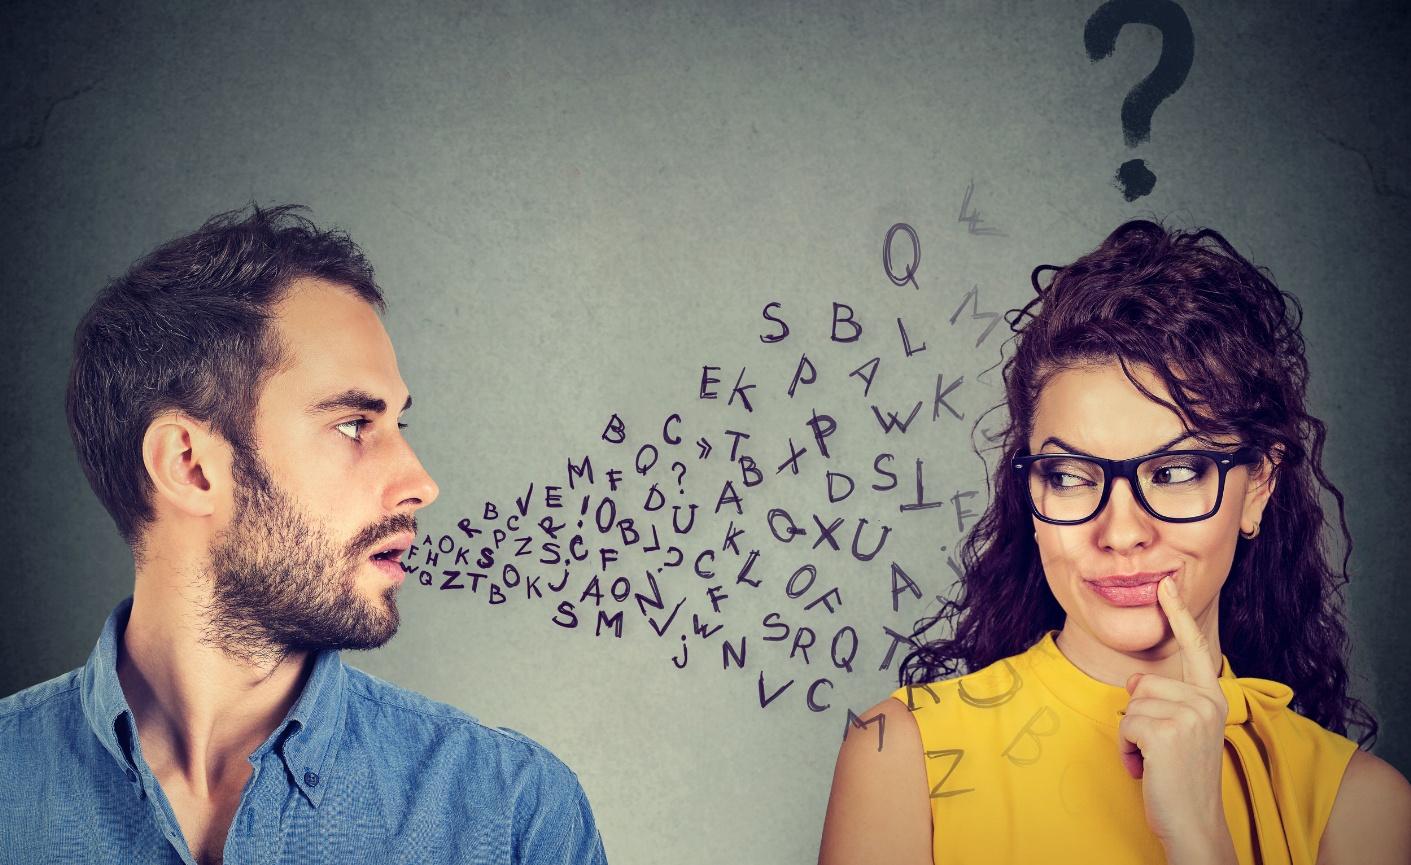 Jak zacząć mówić po angielsku płynnie i bez błędów? Sprawdź czy to wiesz!